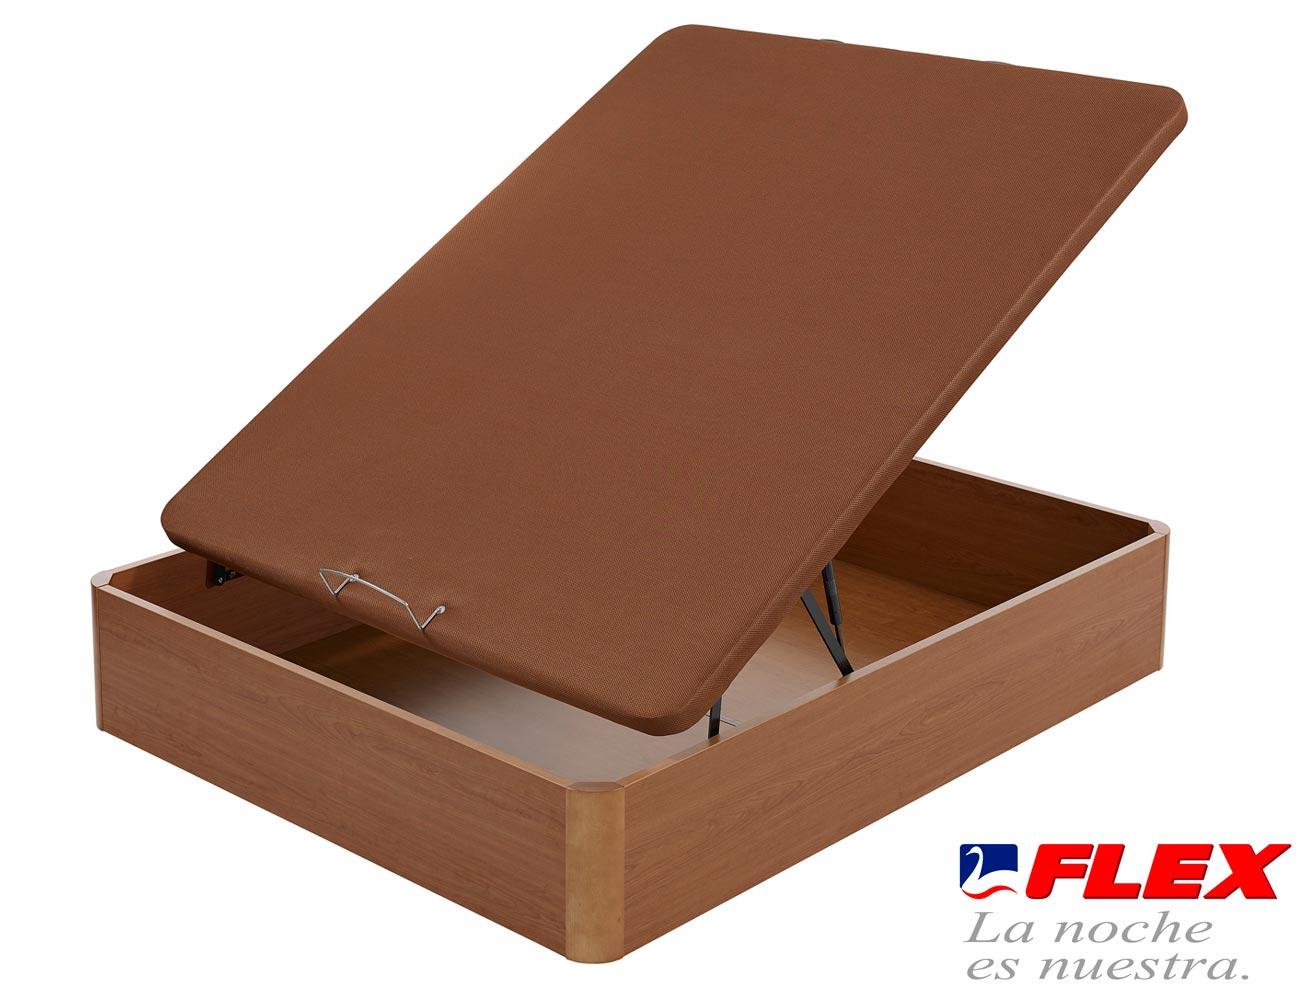 Canape flex madera abatible tapa3d 839